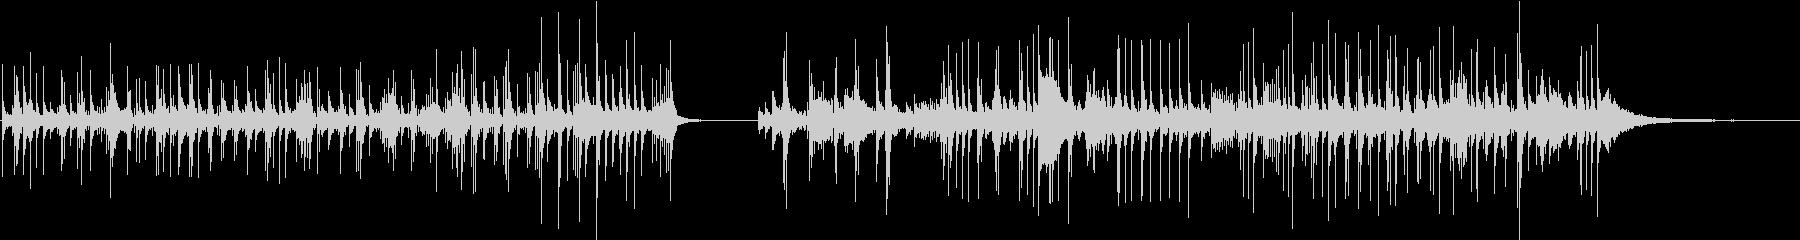 ドラムセット、ソロ、ブラシ、フルキ...の未再生の波形